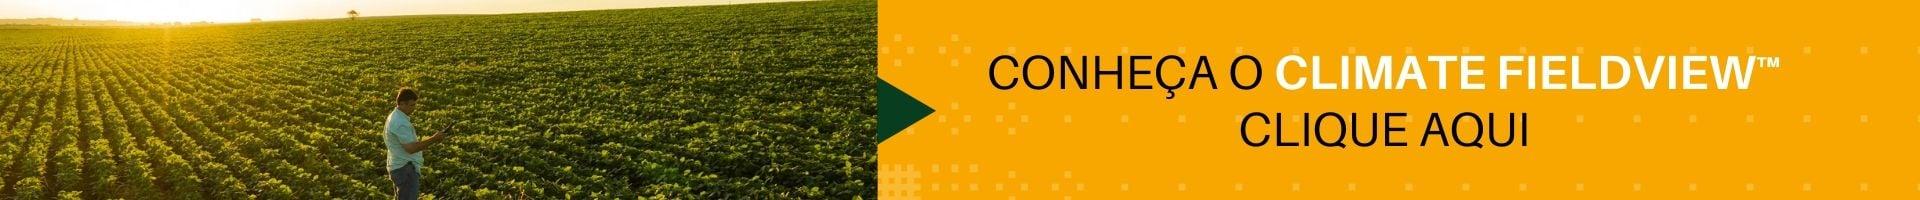 conheça o climate fieldview